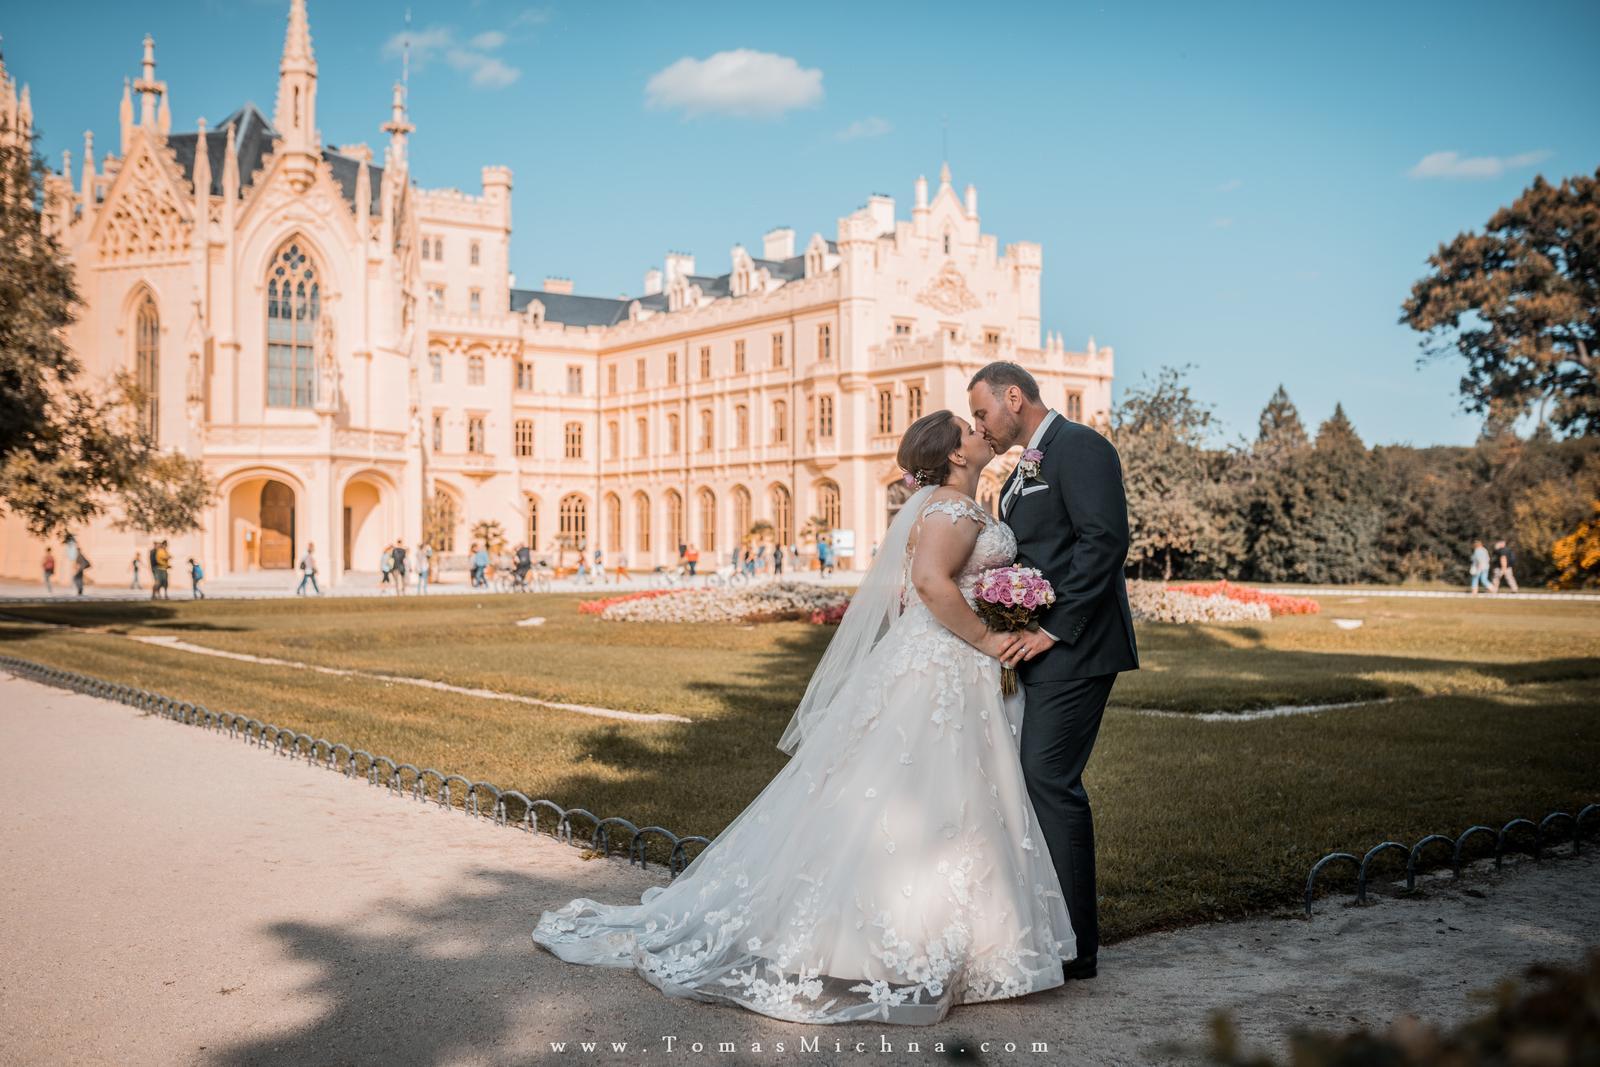 ♥ Martina & Lukáš ♥ 14.9.2019 - Obrázok č. 7